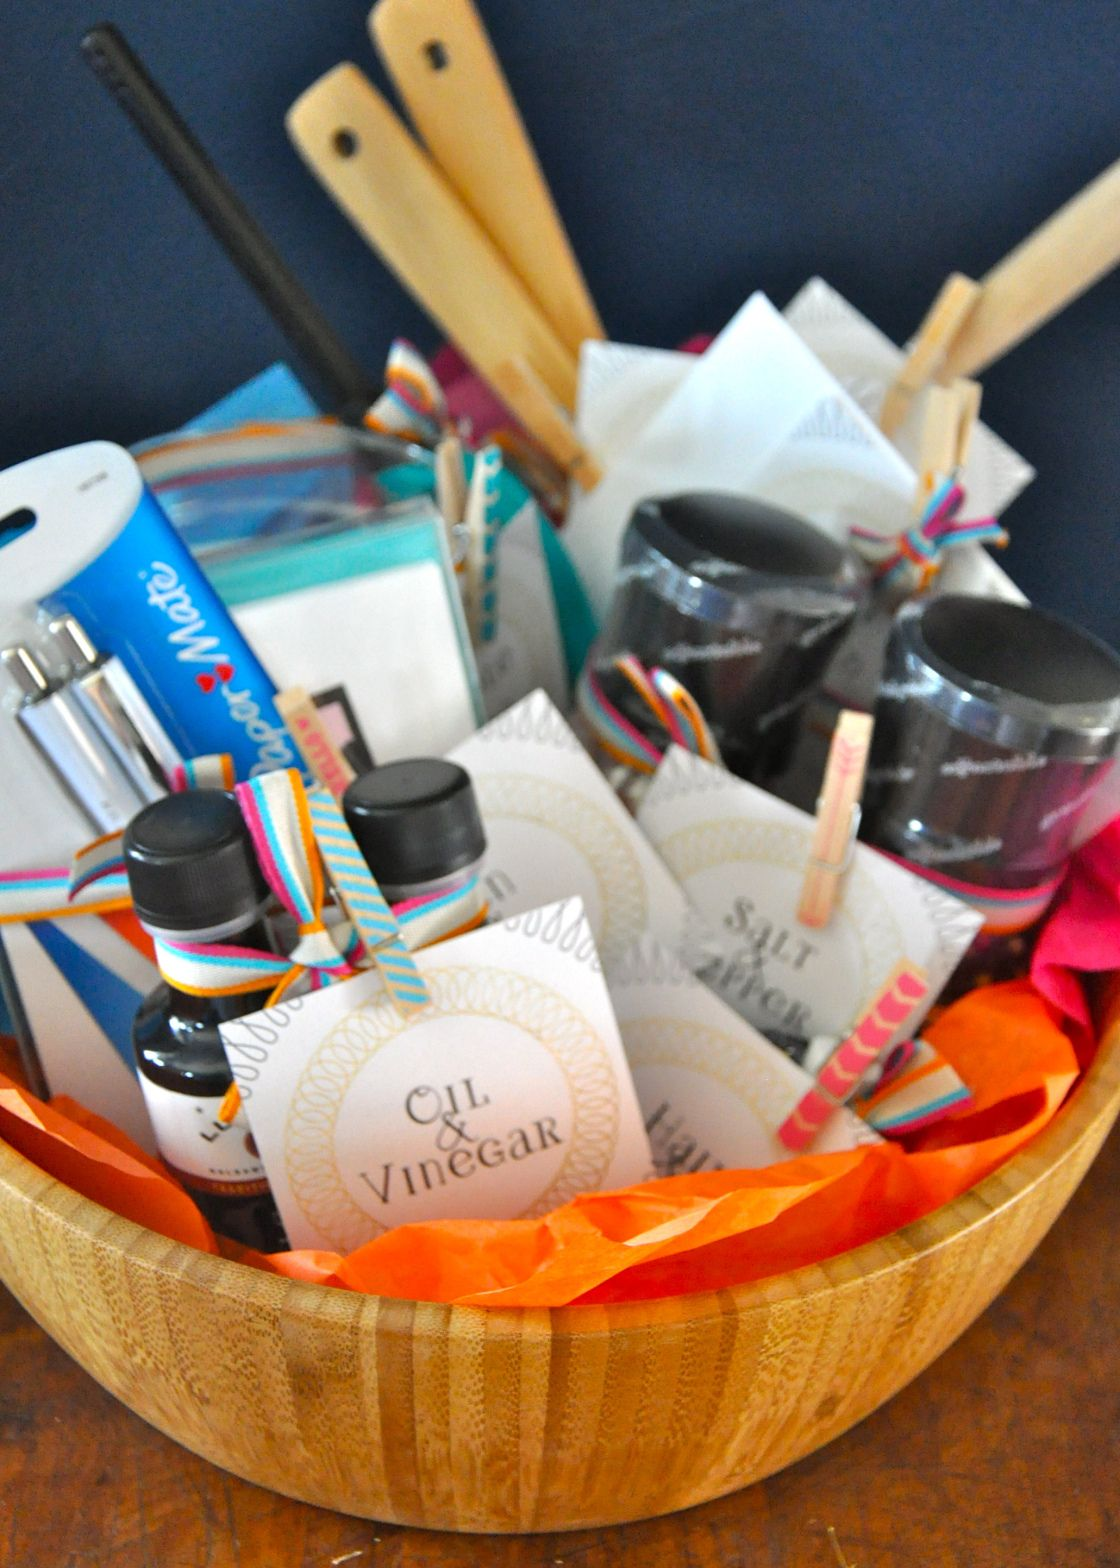 Dsc_0425 bridal shower gift baskets thoughtful bridal